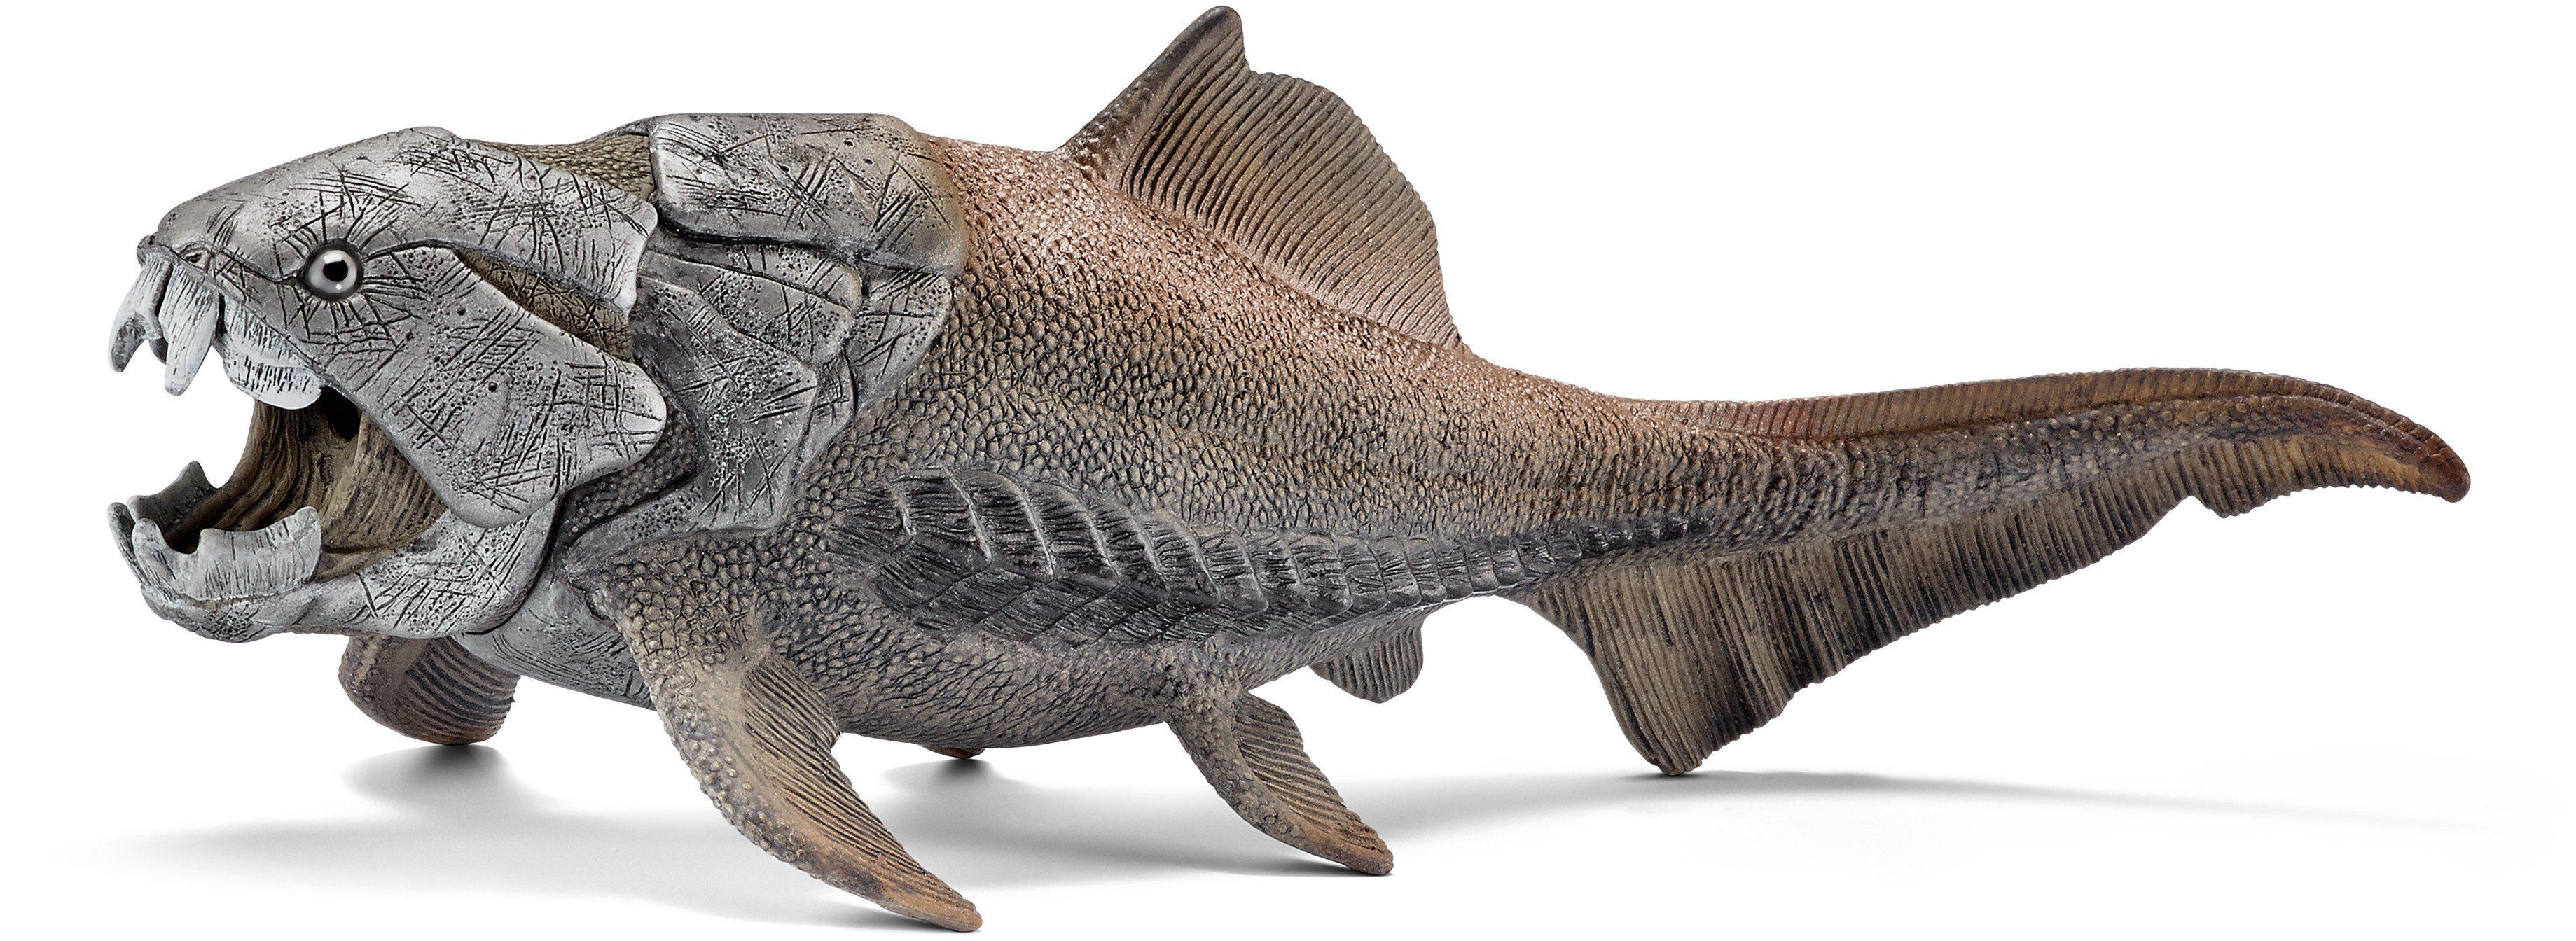 Schleich® Spielfigur (14575), »Dinosaurs, Dunkleosteus«